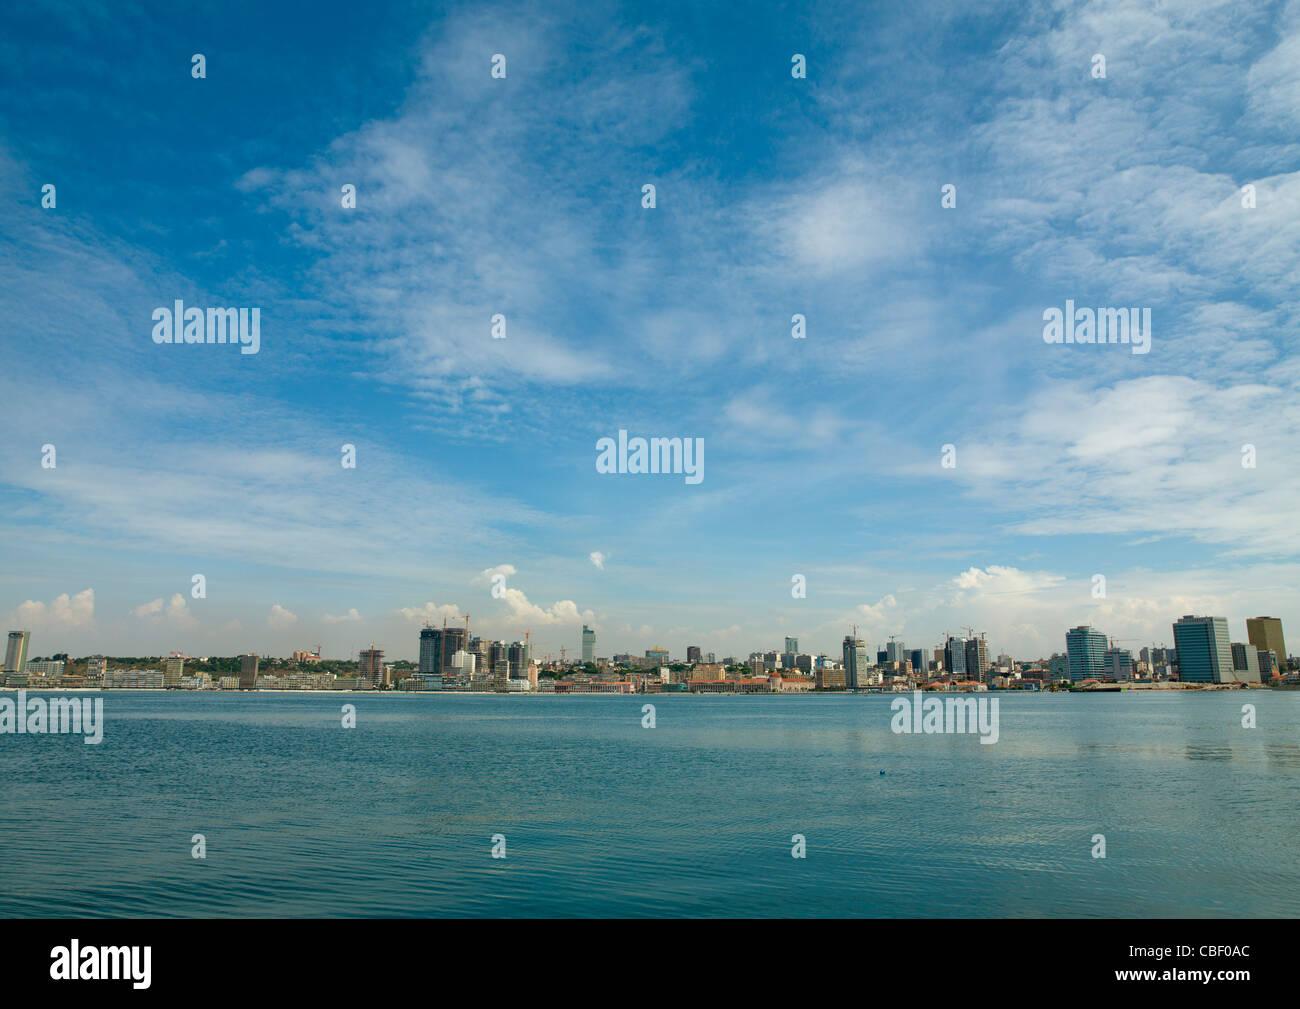 Skyline On Luanda Bay, Angola - Stock Image